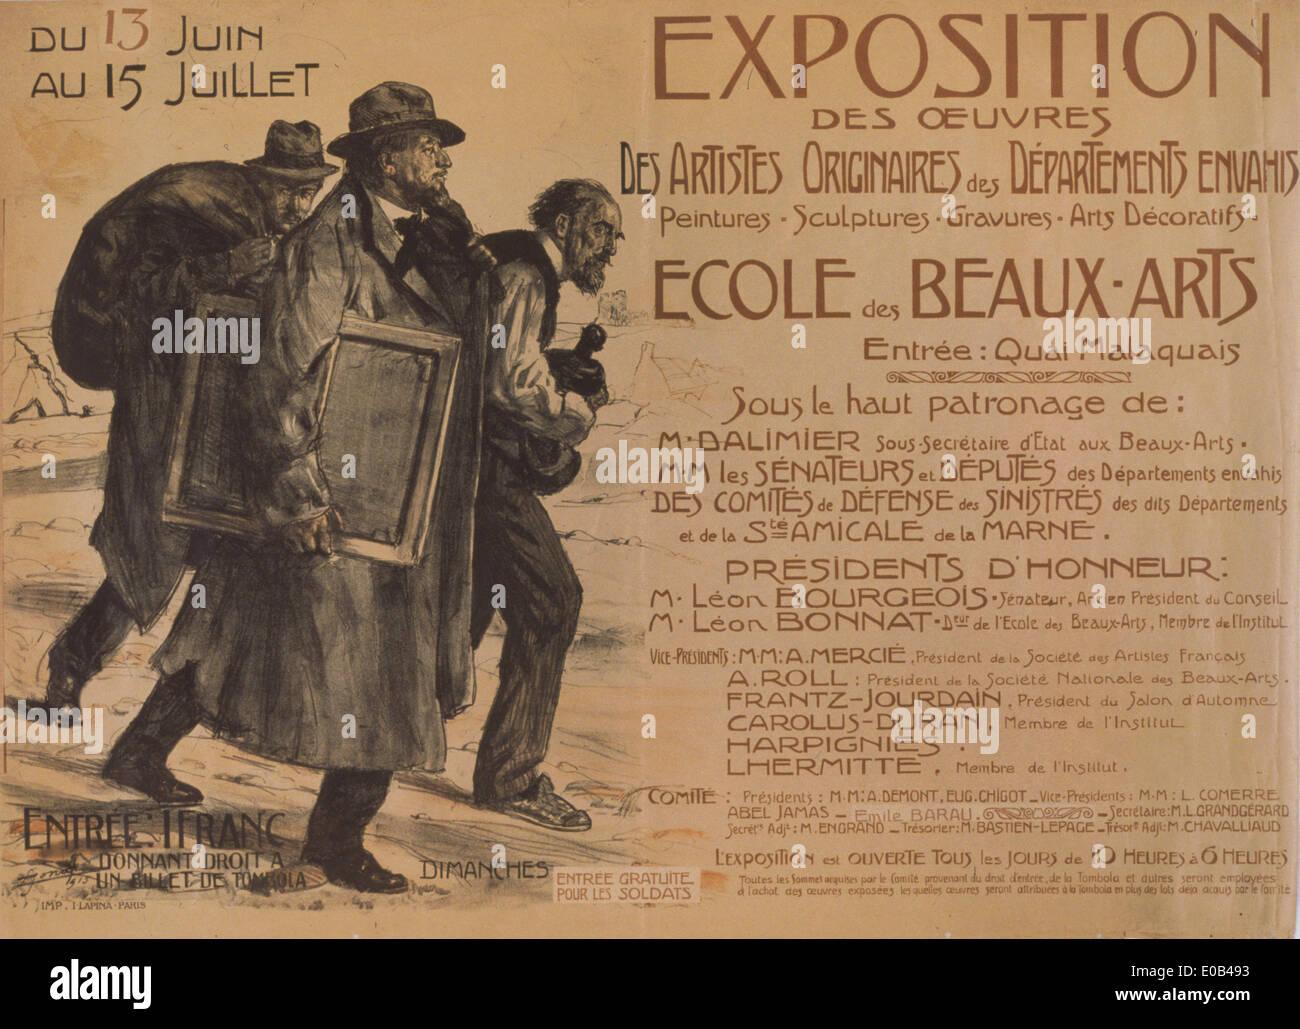 Exposition des oeuvres des artistes originaires des Départements envahis. École des Beaux-Arts - Stock Image